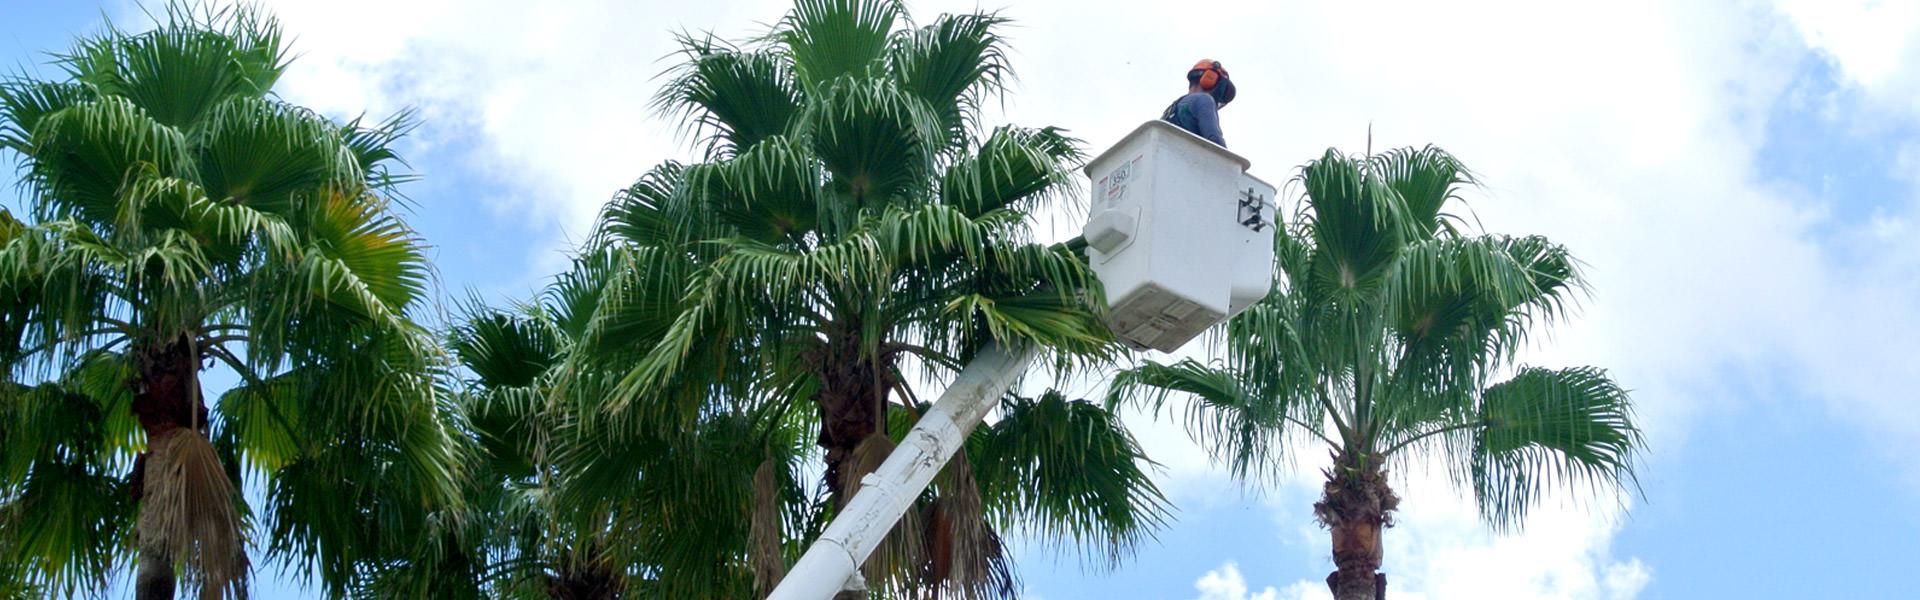 Palm Tree Maintenance Orlando